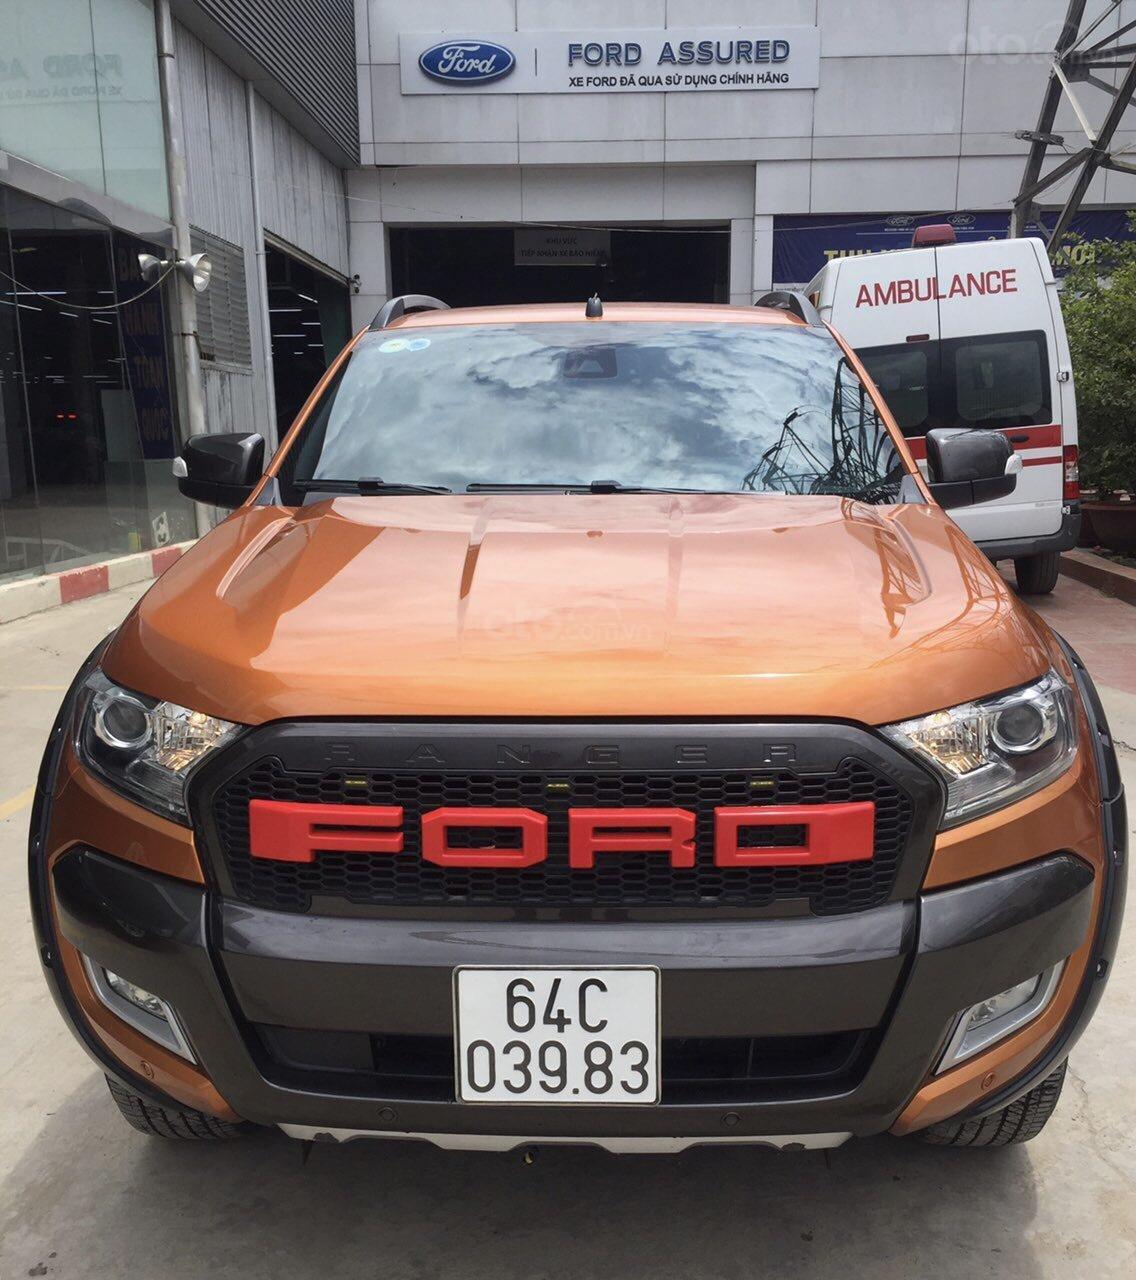 Ranger Wildtrak 3.2L 2016, xe bán tại hãng Western Ford có bảo hành-0